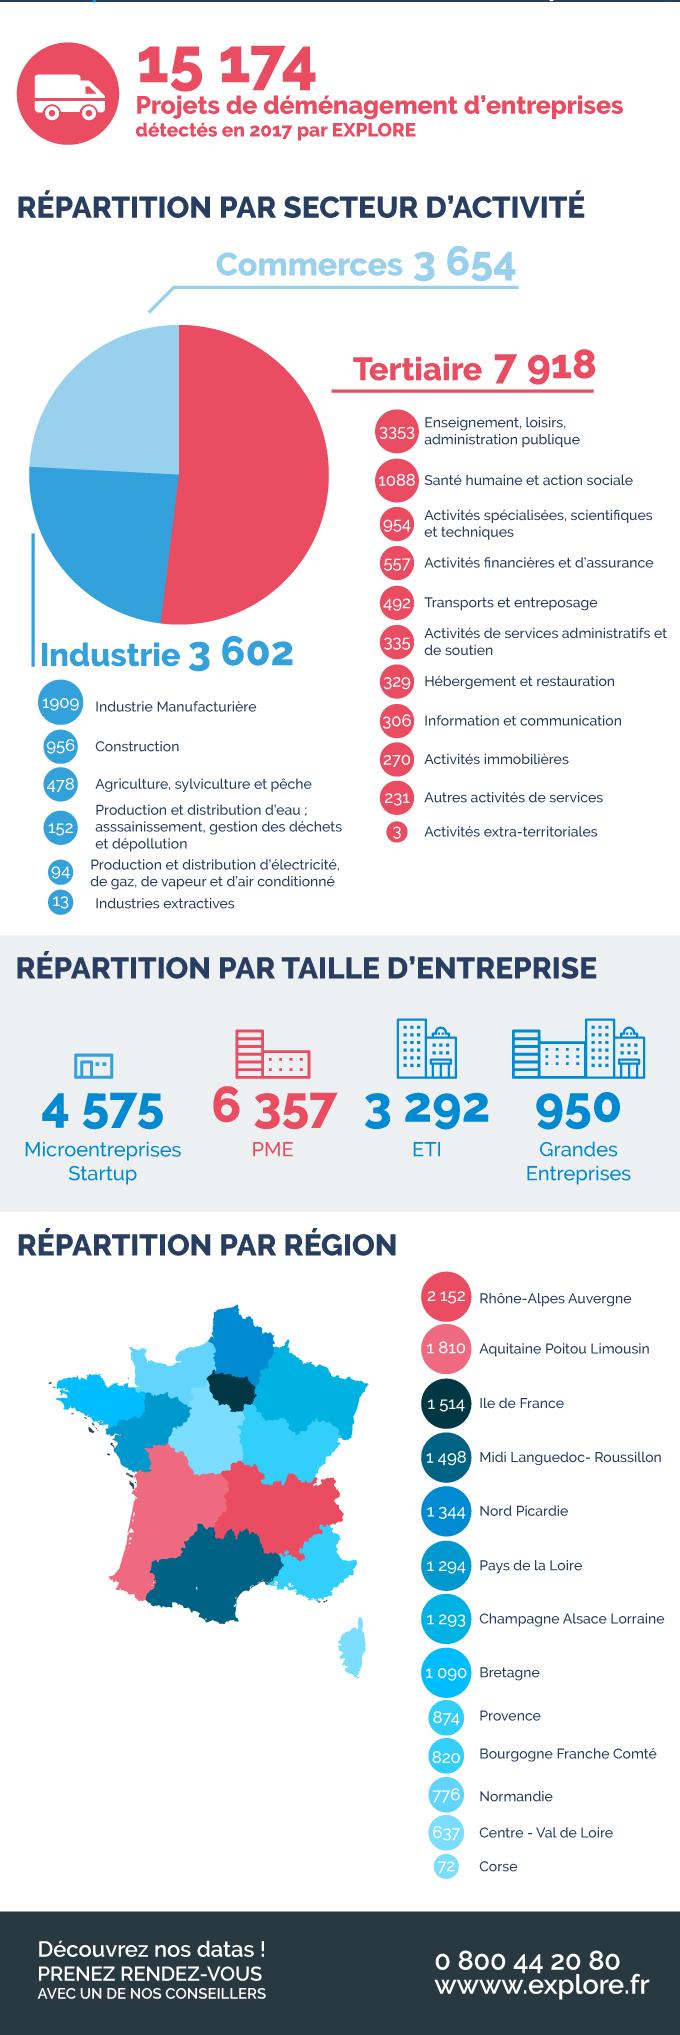 15 174 projets de déménagement d'entreprises